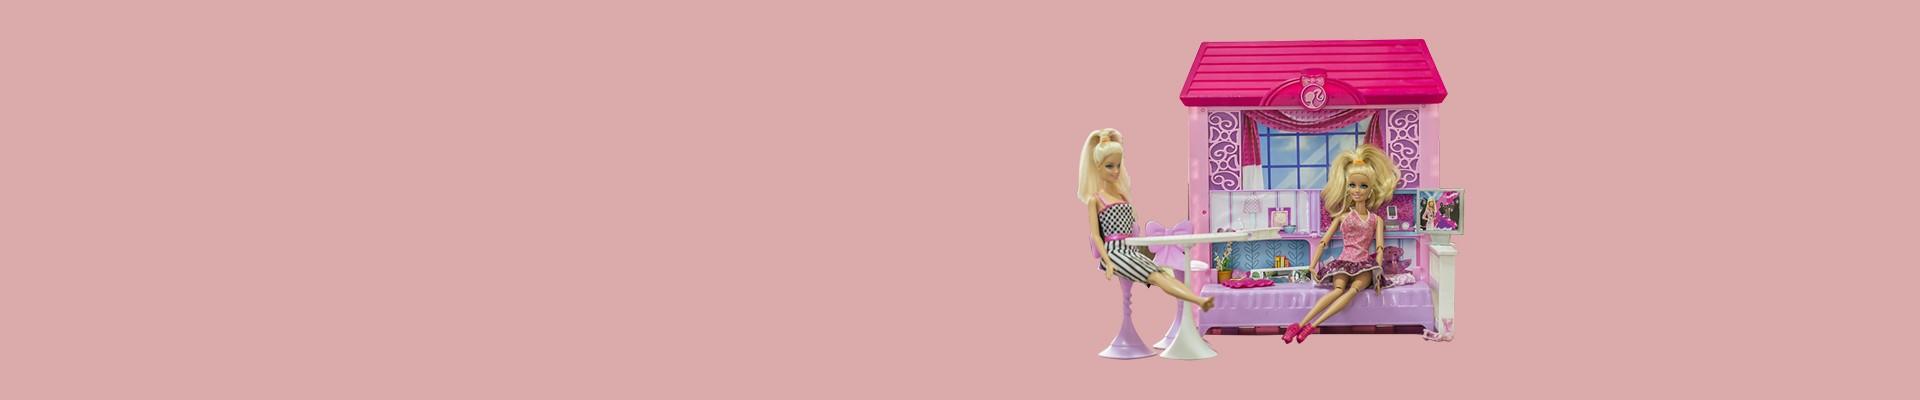 Jual Model Boneka Barbie Terbaru & Harga Terbaik